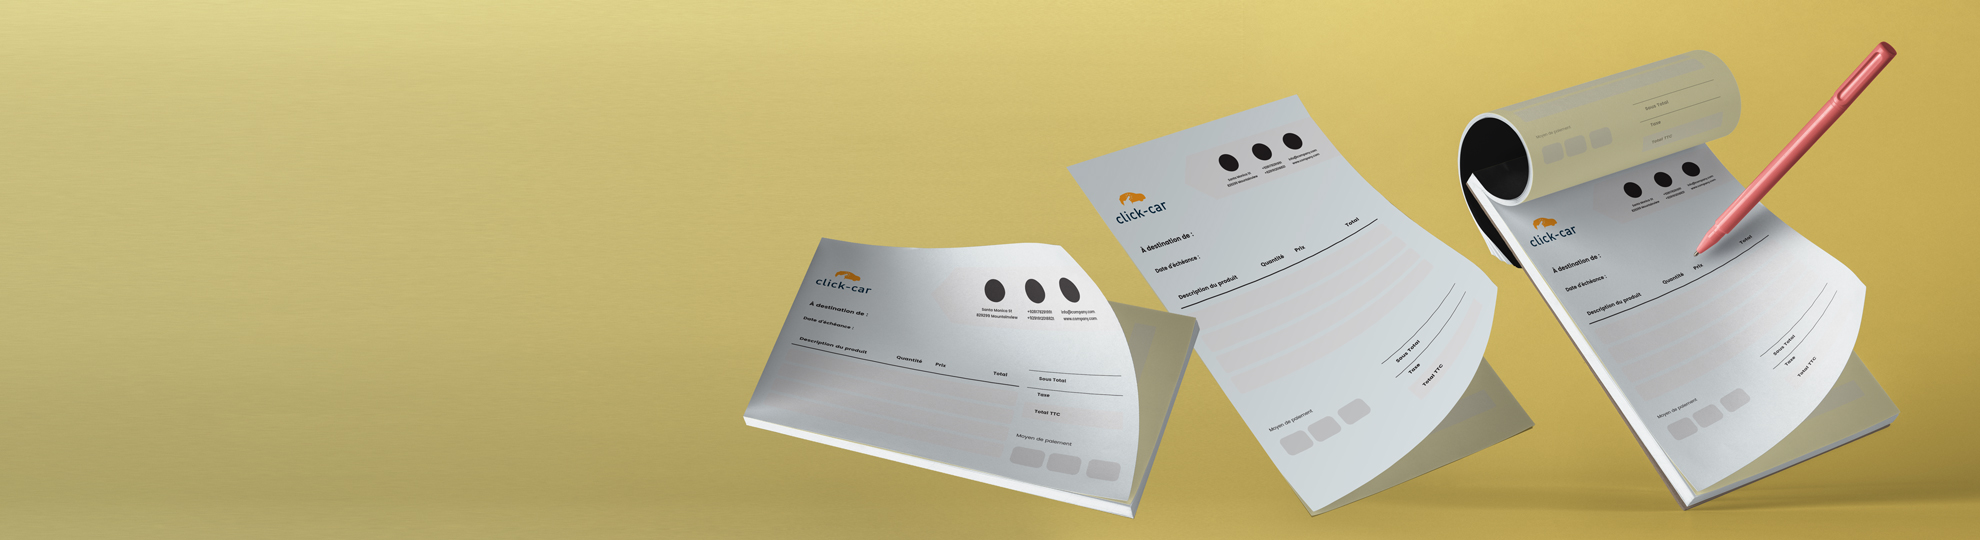 Imprimer papier carnet autocopiant liasse et souche